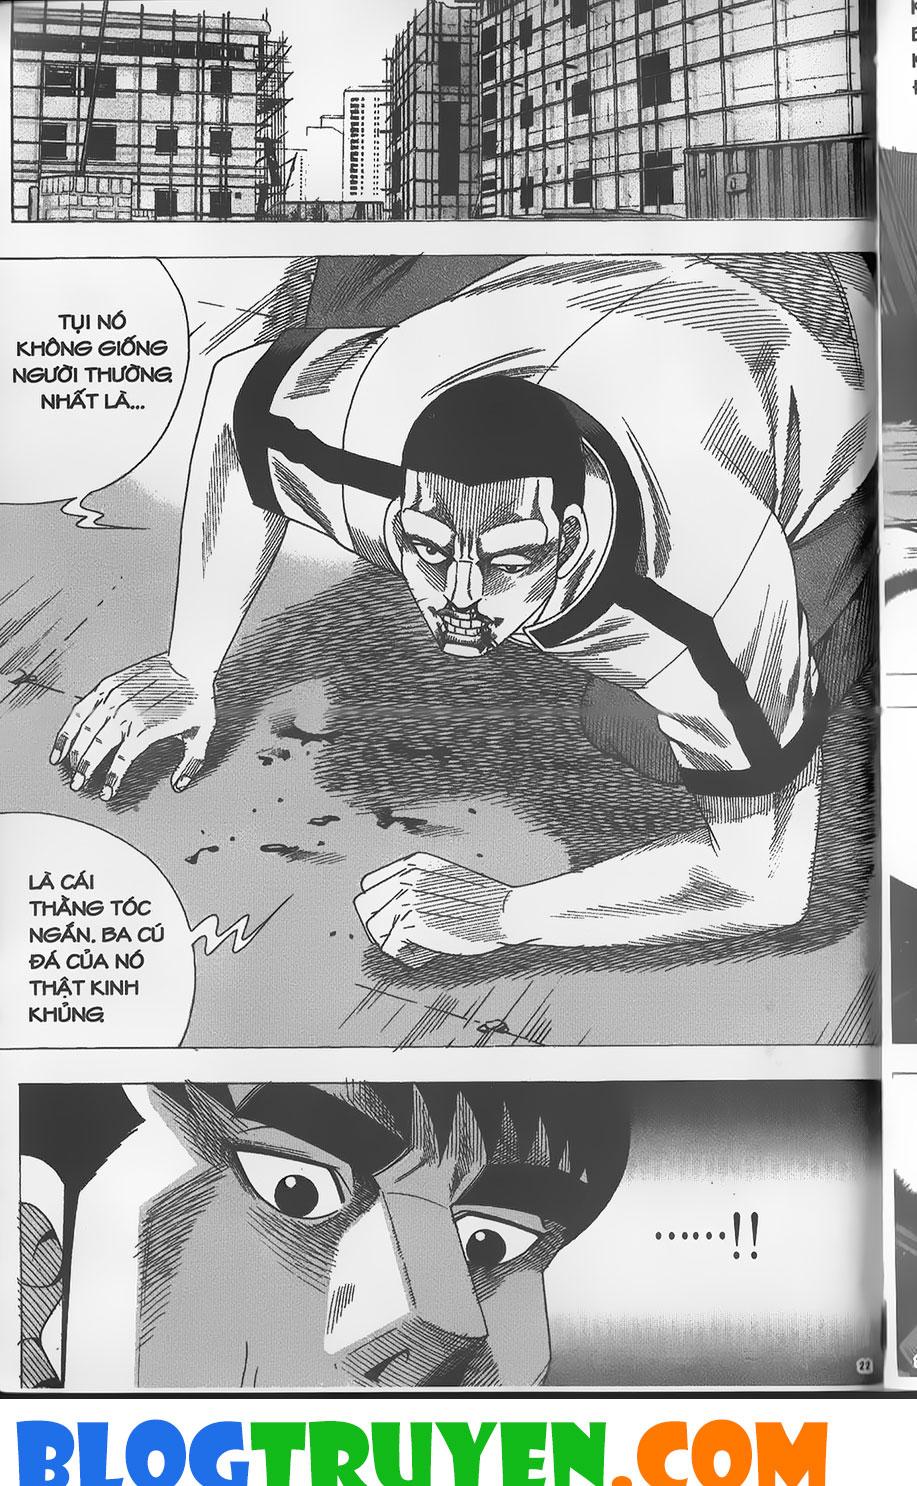 Bitagi - Anh chàng ngổ ngáo chap 281 trang 18